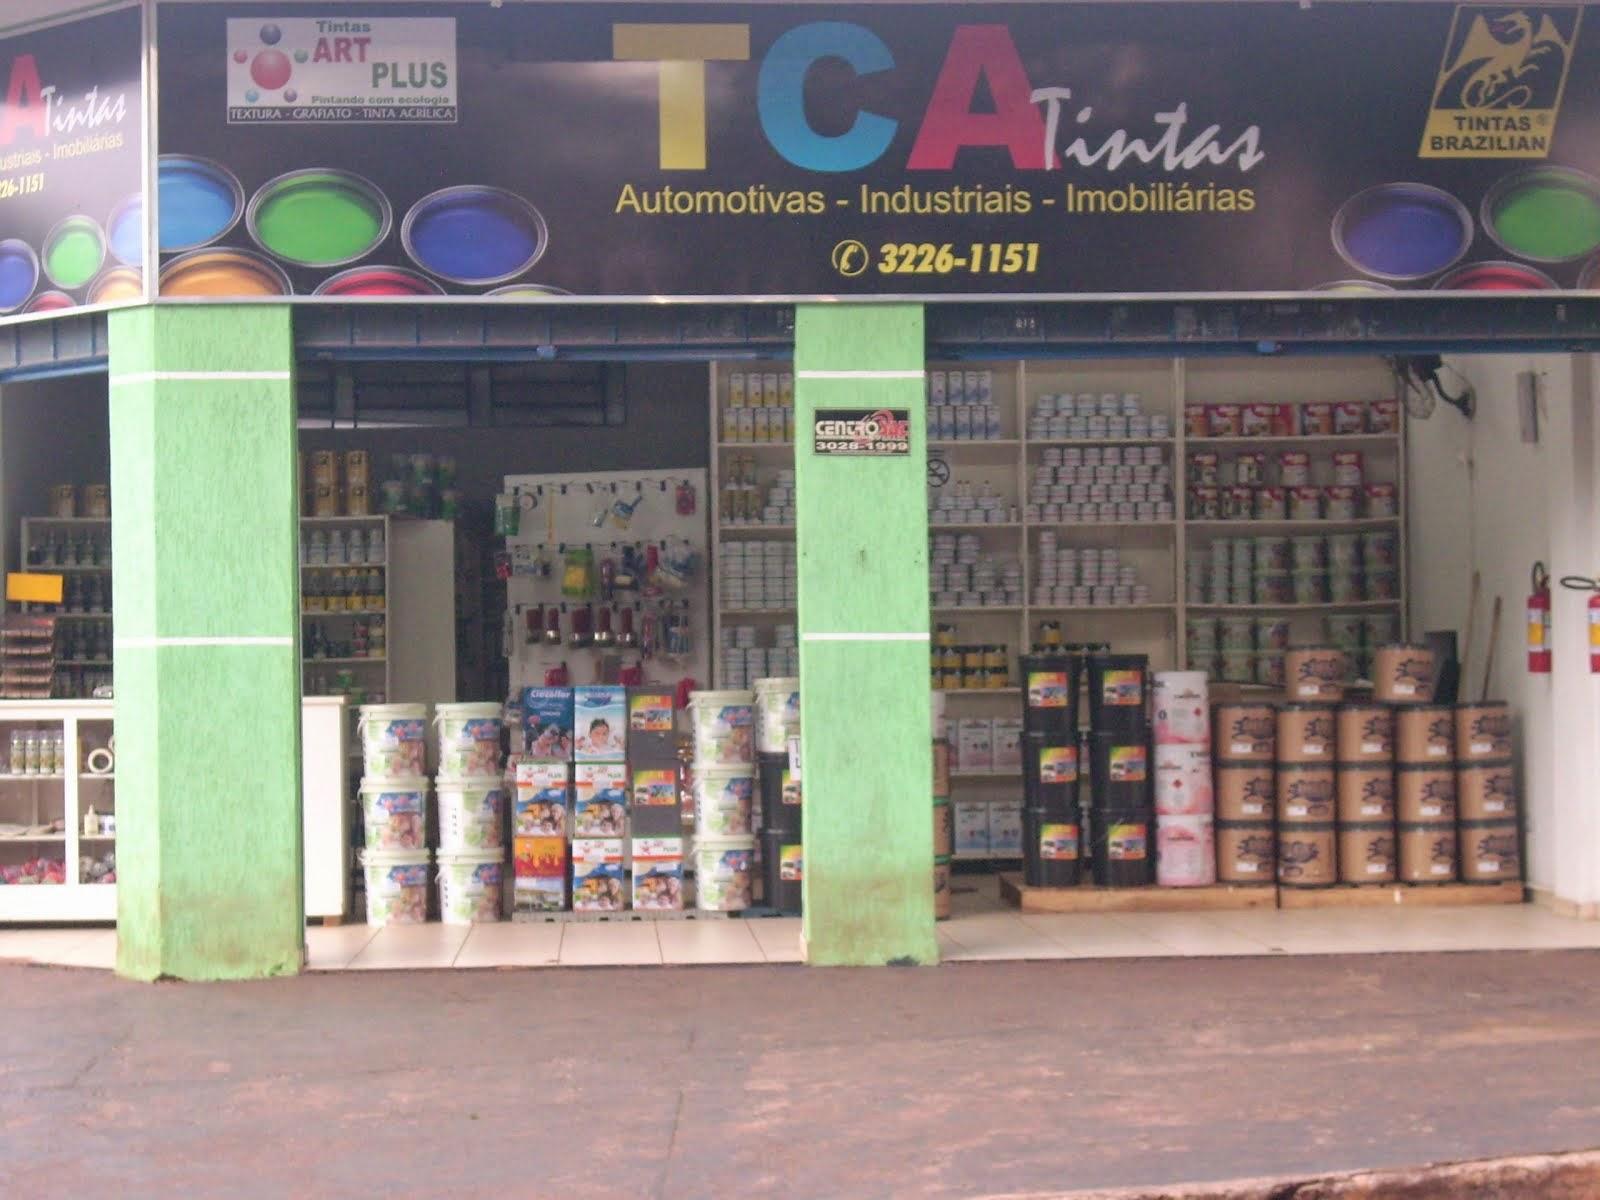 TCA TINTAS